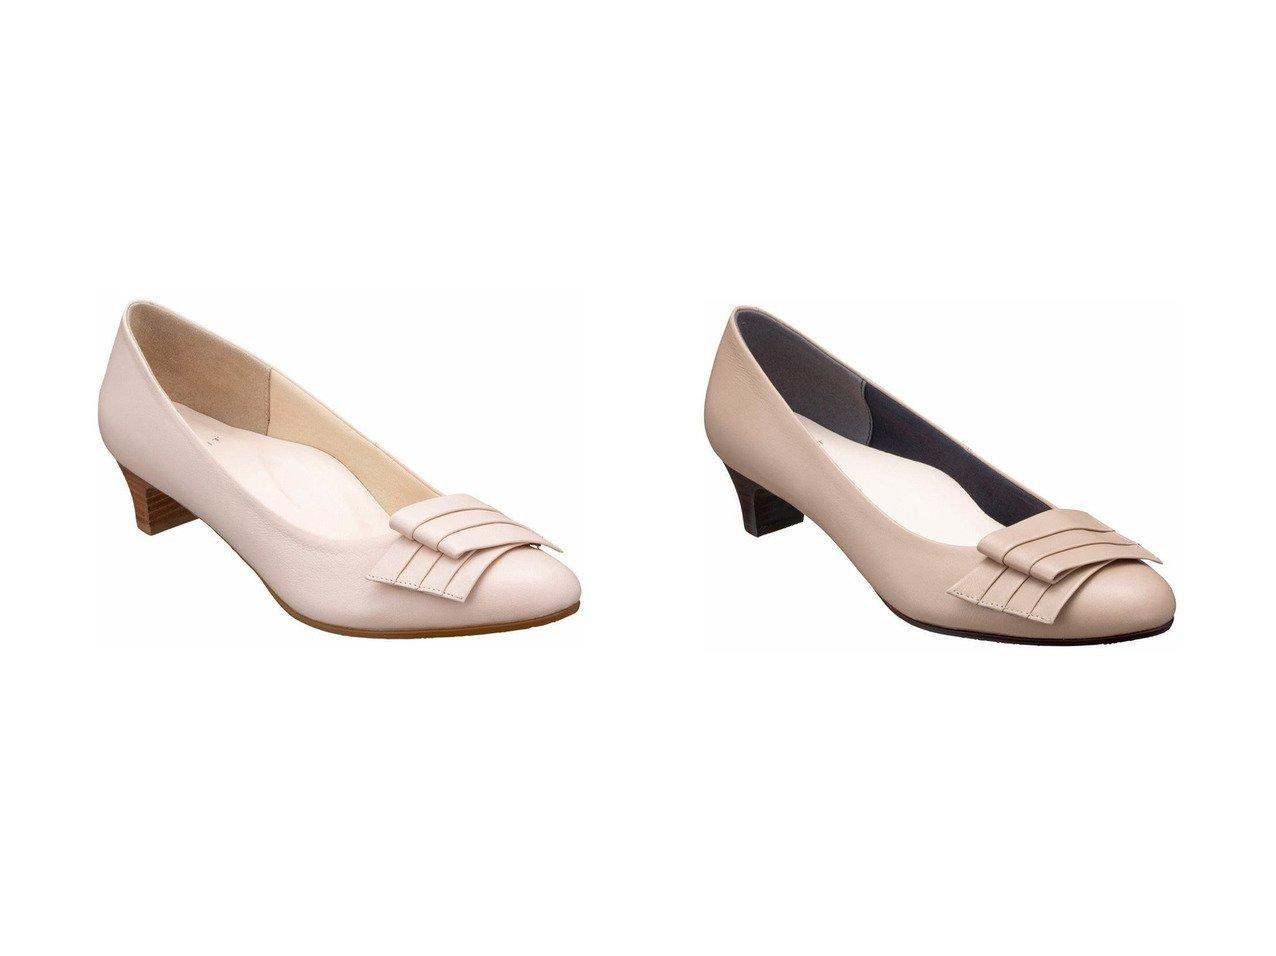 【Foot Community/フット コミュニティ】の【ビューフィット】アーモンドトウデザインパンプス 【シューズ・靴】おすすめ!人気、トレンド・レディースファッションの通販 おすすめで人気の流行・トレンド、ファッションの通販商品 メンズファッション・キッズファッション・インテリア・家具・レディースファッション・服の通販 founy(ファニー) https://founy.com/ ファッション Fashion レディースファッション WOMEN 送料無料 Free Shipping シューズ ベーシック モチーフ リボン 日本製 Made in Japan |ID:crp329100000029201